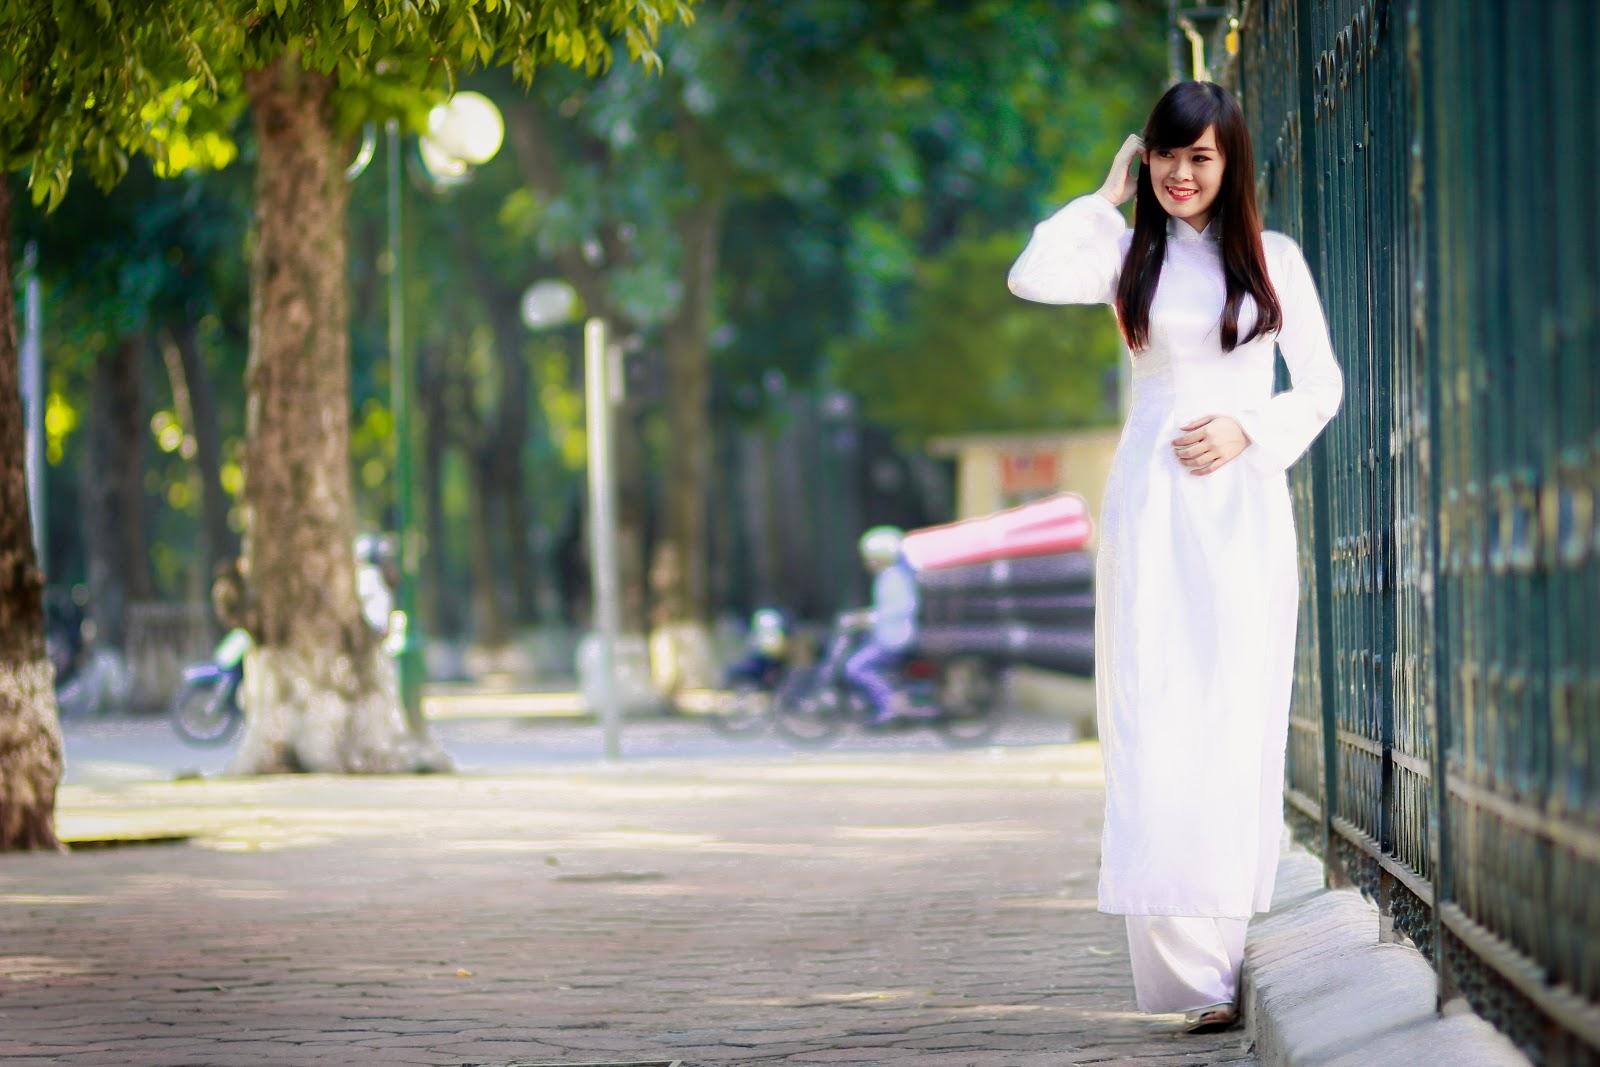 Các cách tạo dáng đẹp khi chụp ảnh với áo dài tôn vinh